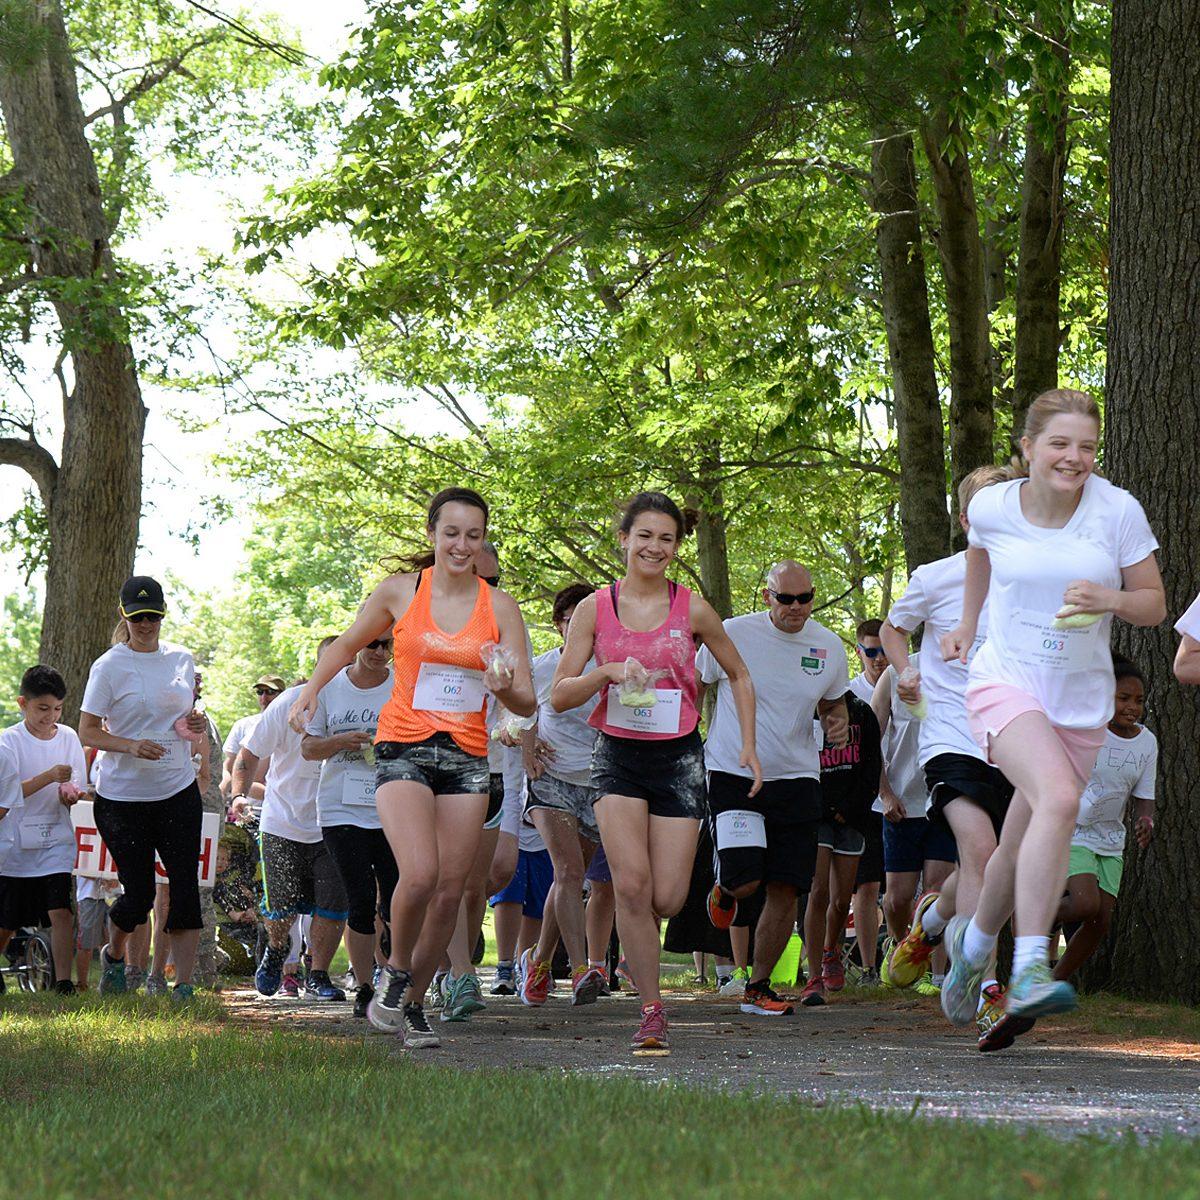 hardlopen frisk